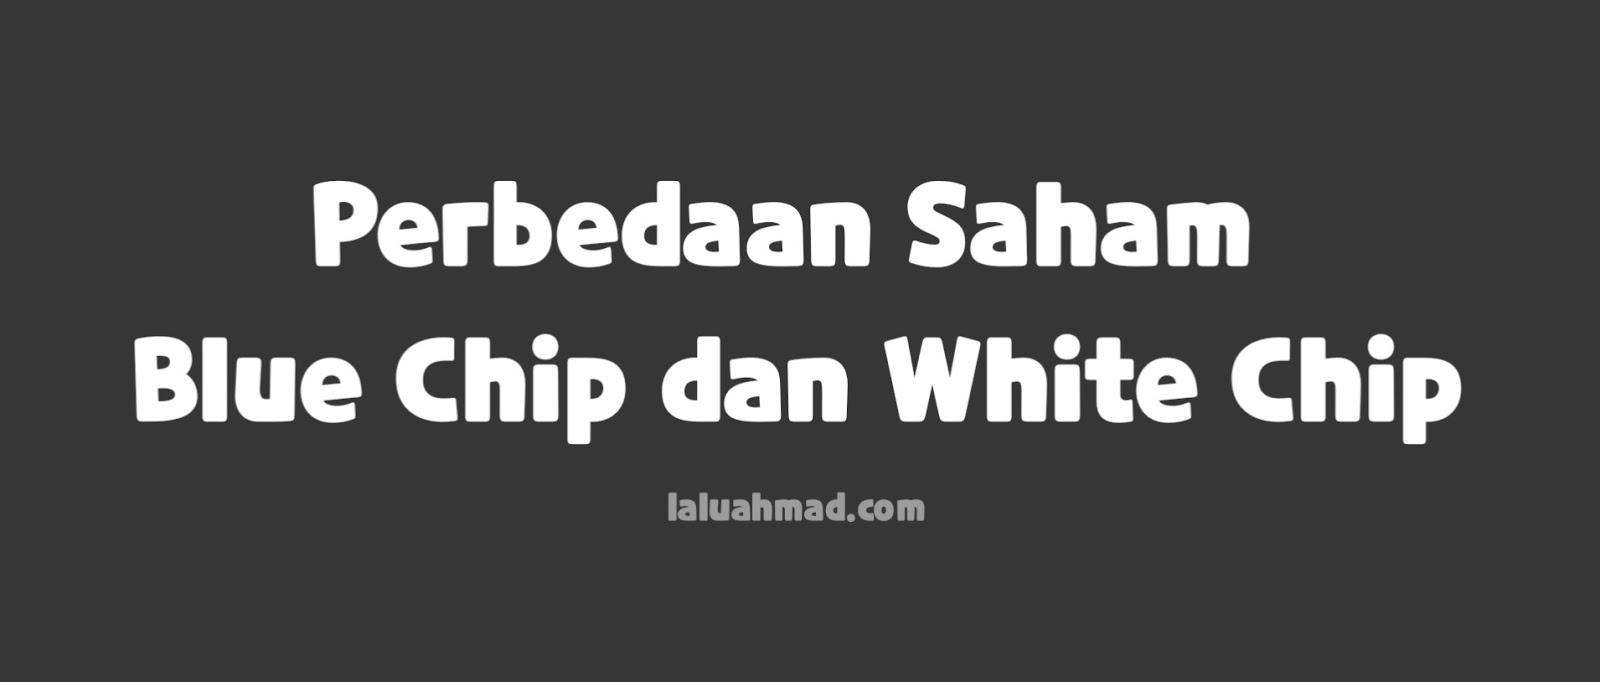 Perbedaan Saham Blue Chip dan White Chip : Pengertian dan Ciri-ciri